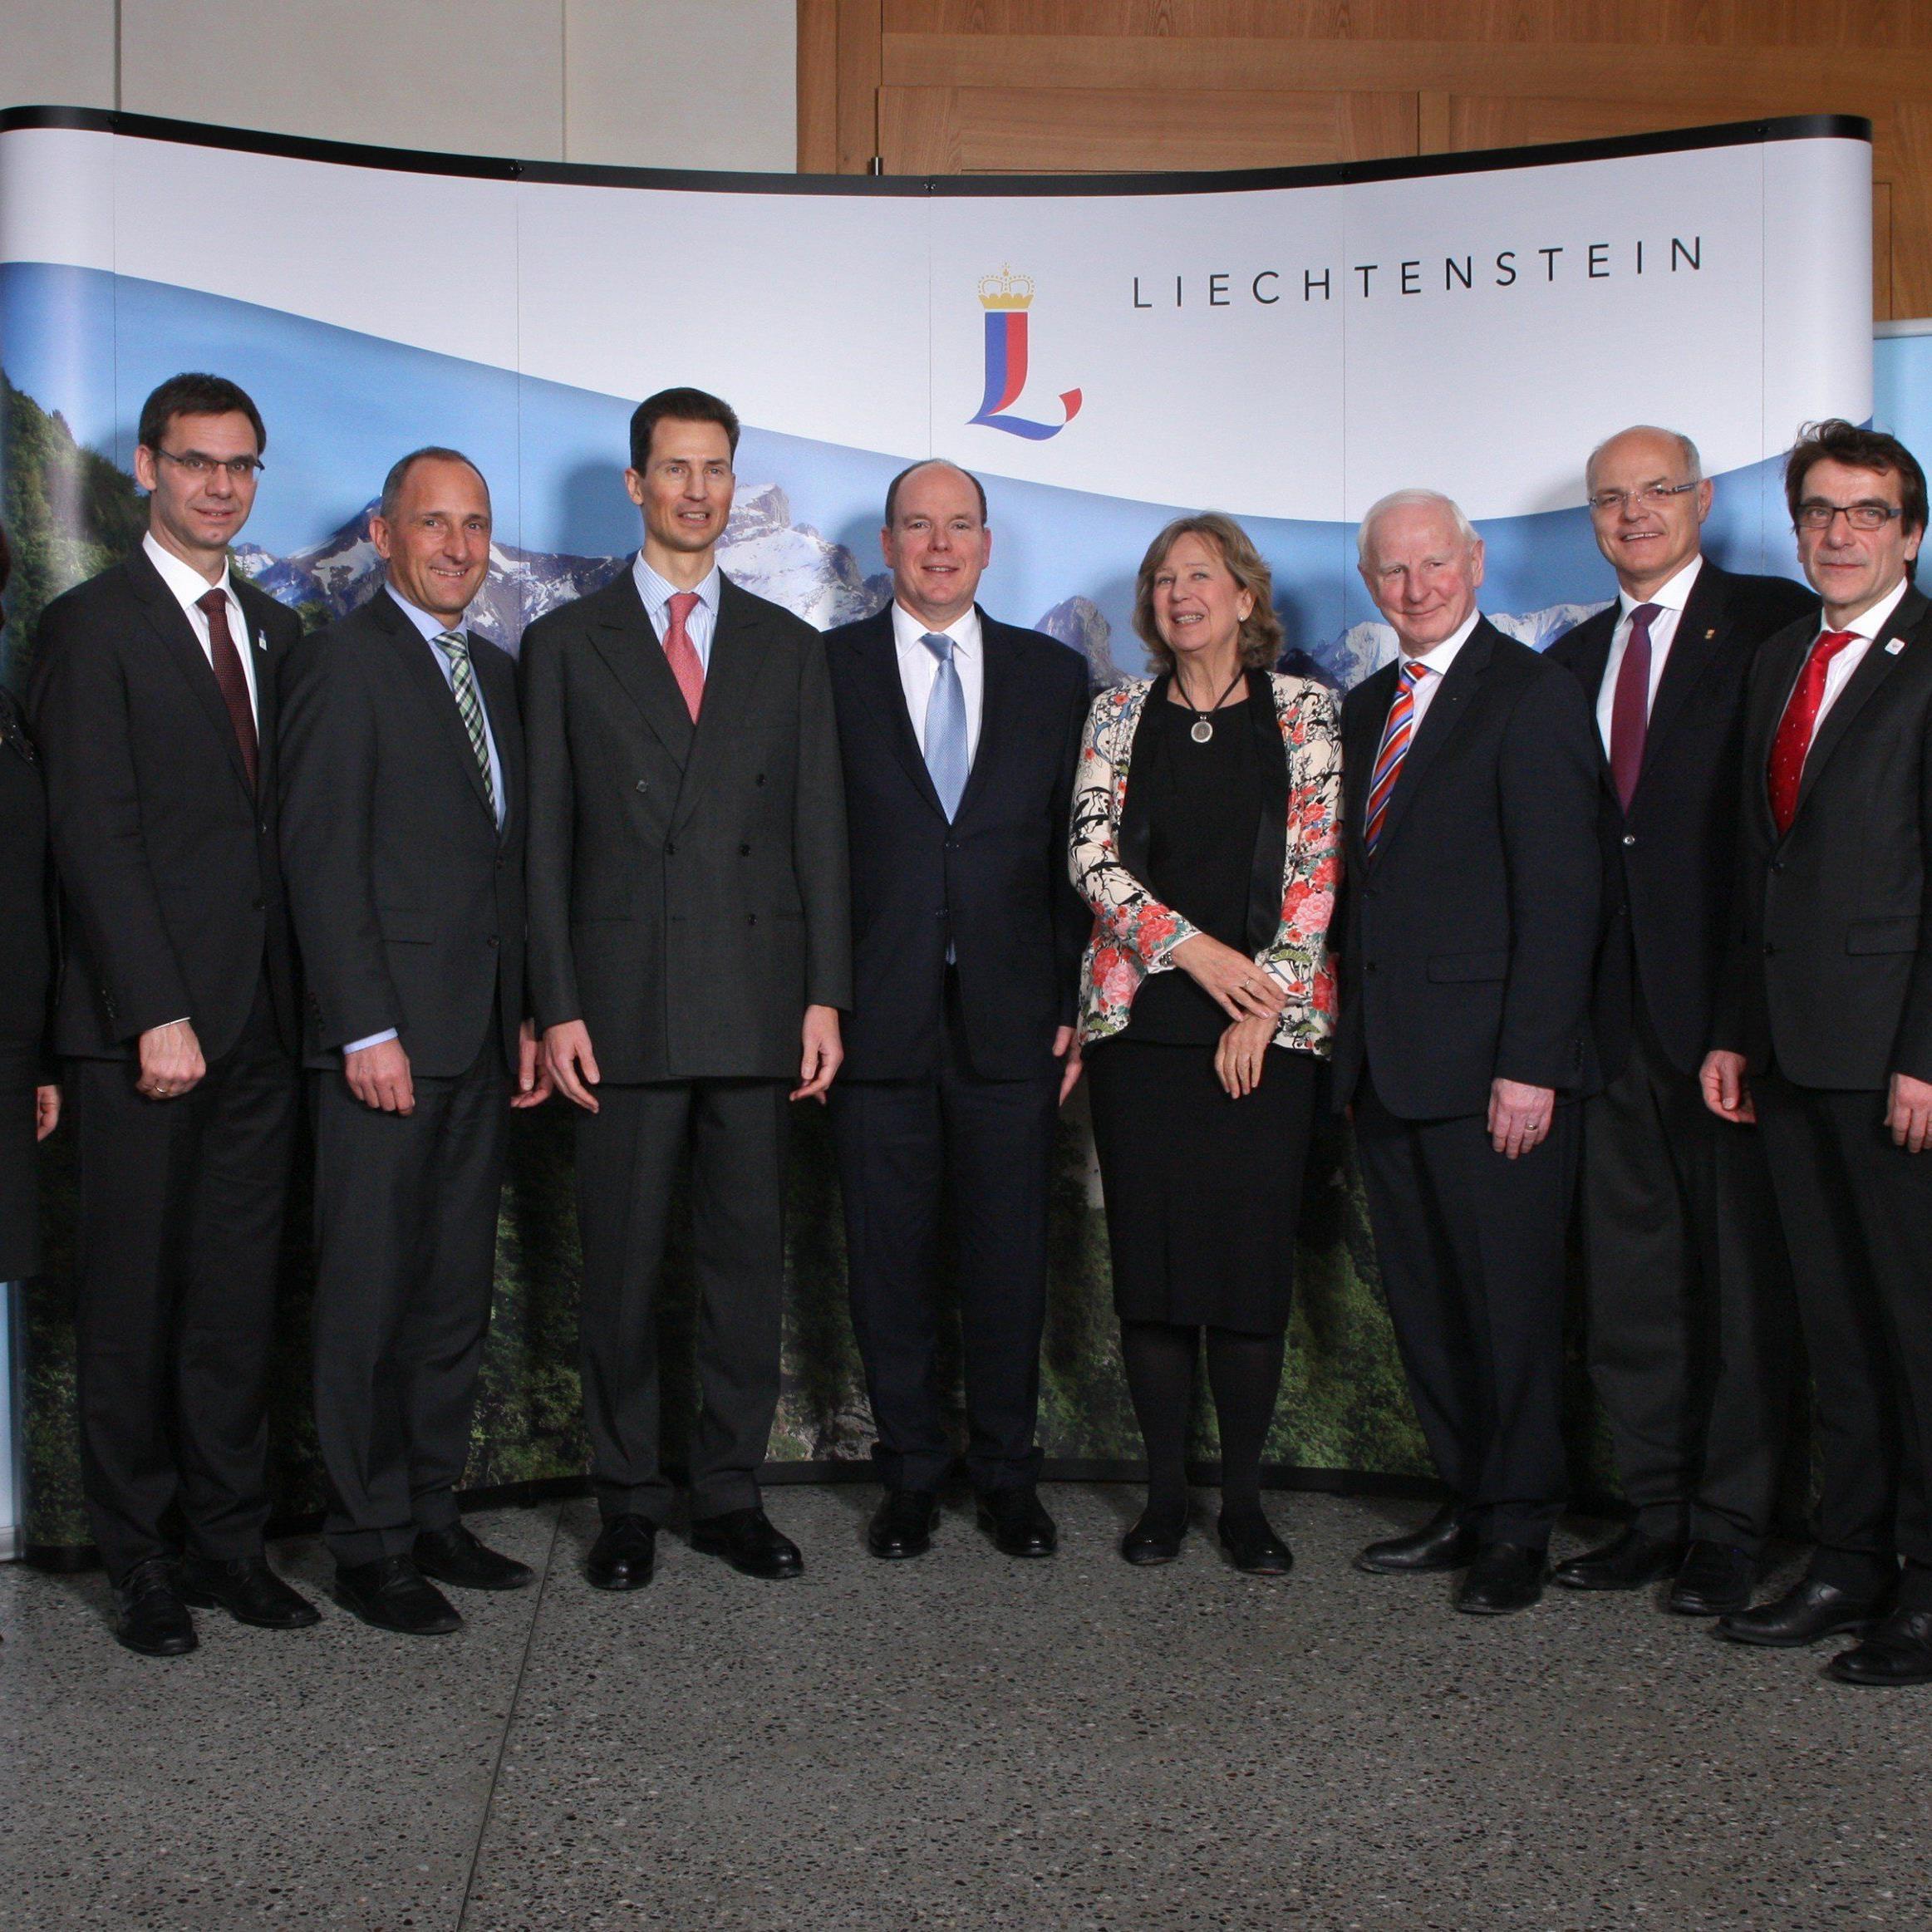 Fürstlicher Empfang in Liechtenstein für die EYOF Familie.